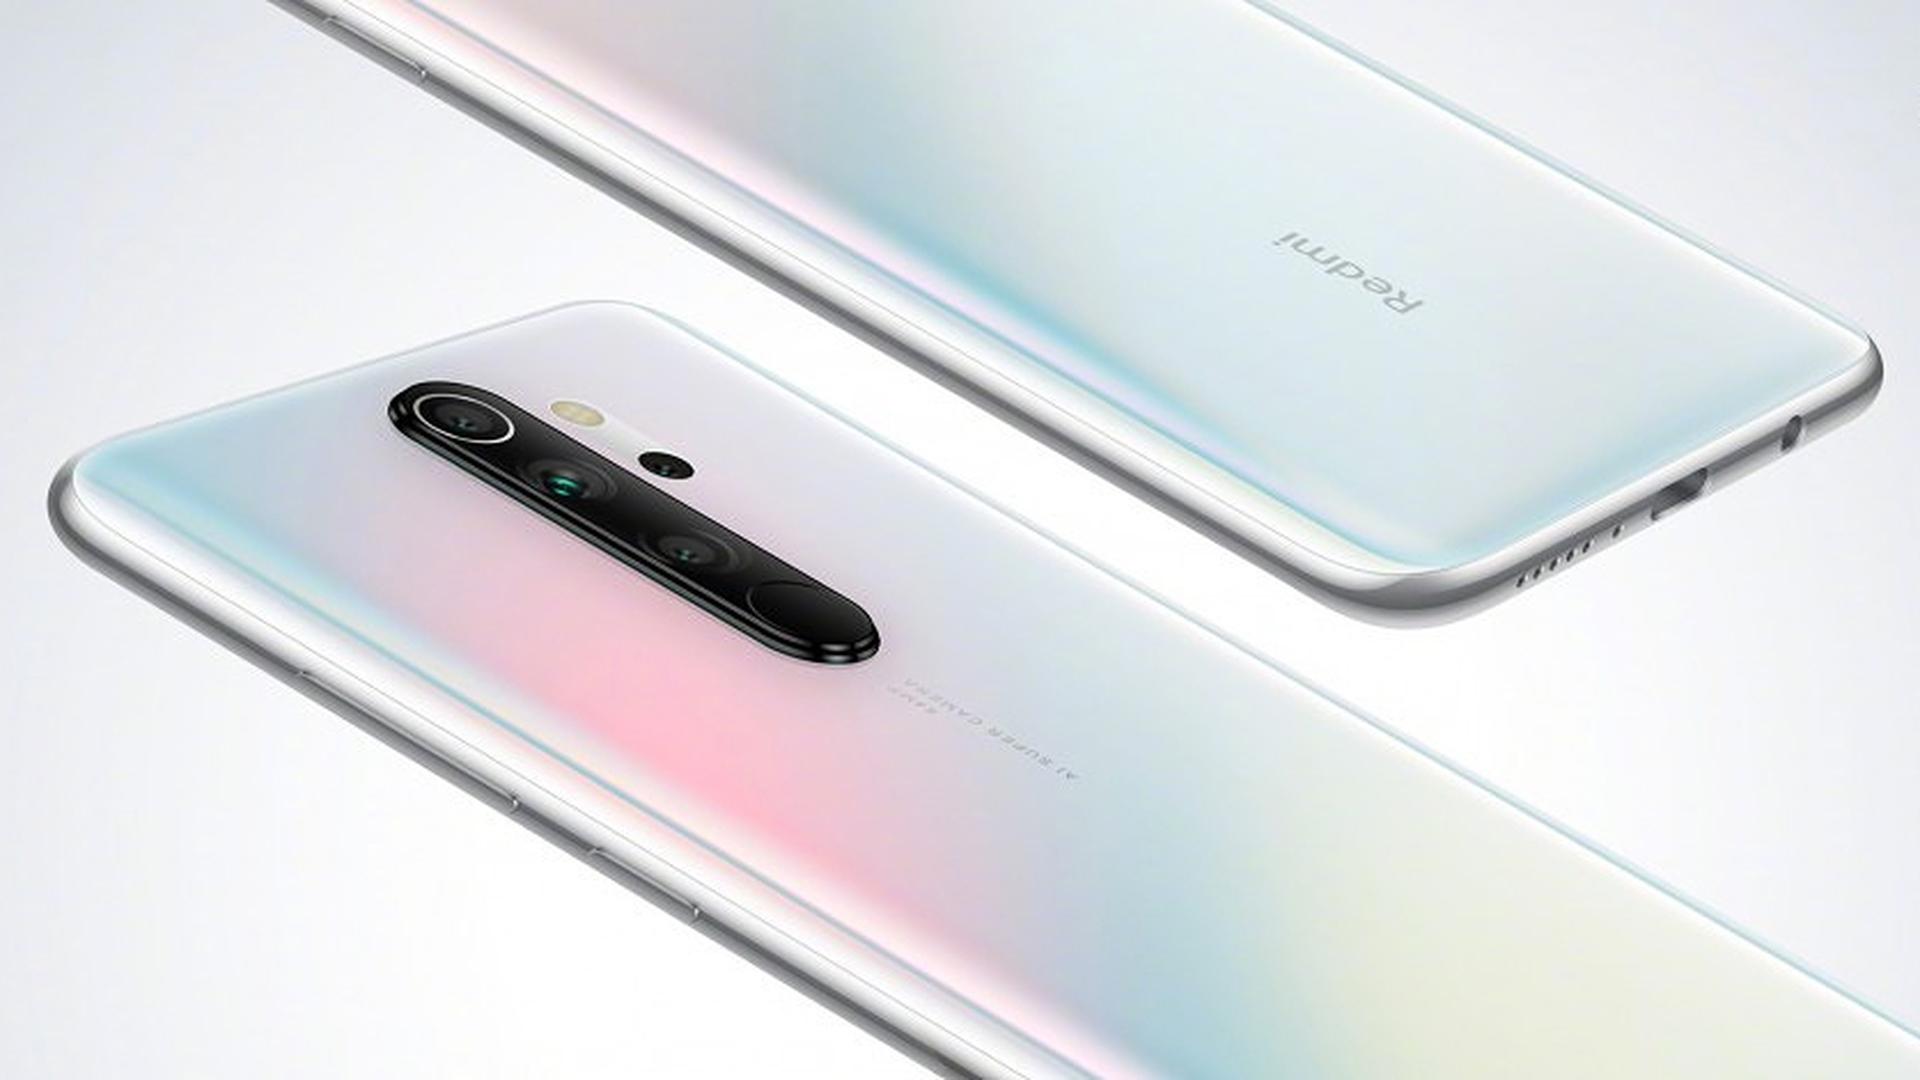 Redmi раскрыла главные особенности Redmi Note 8 Pro и показала его на фото - @ASTERA: Новости IT и финансов